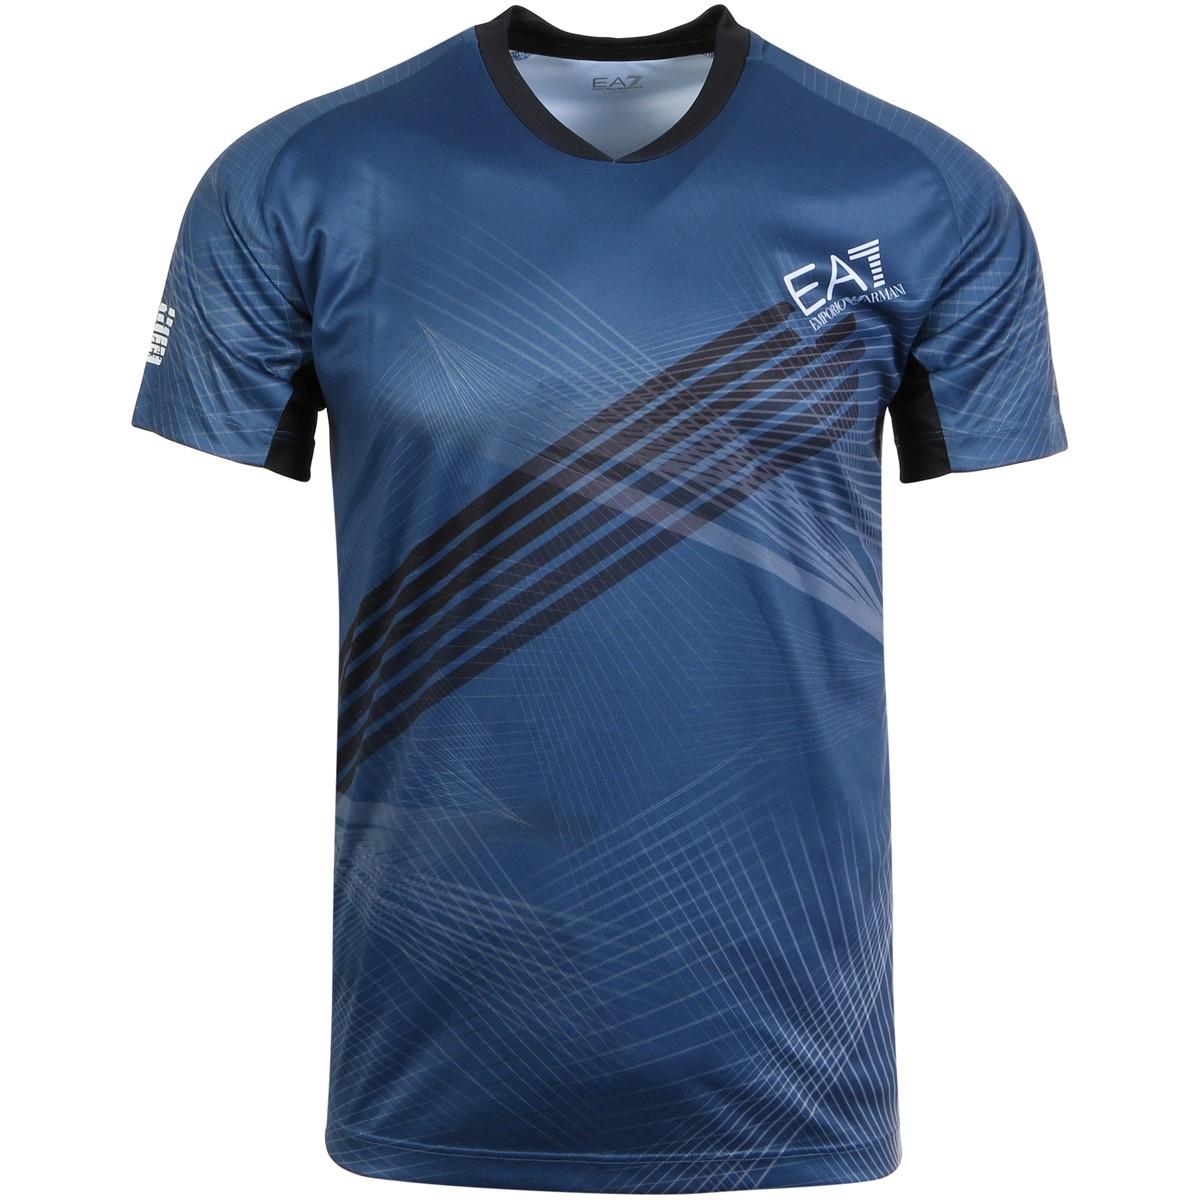 ea7 tennis clothes